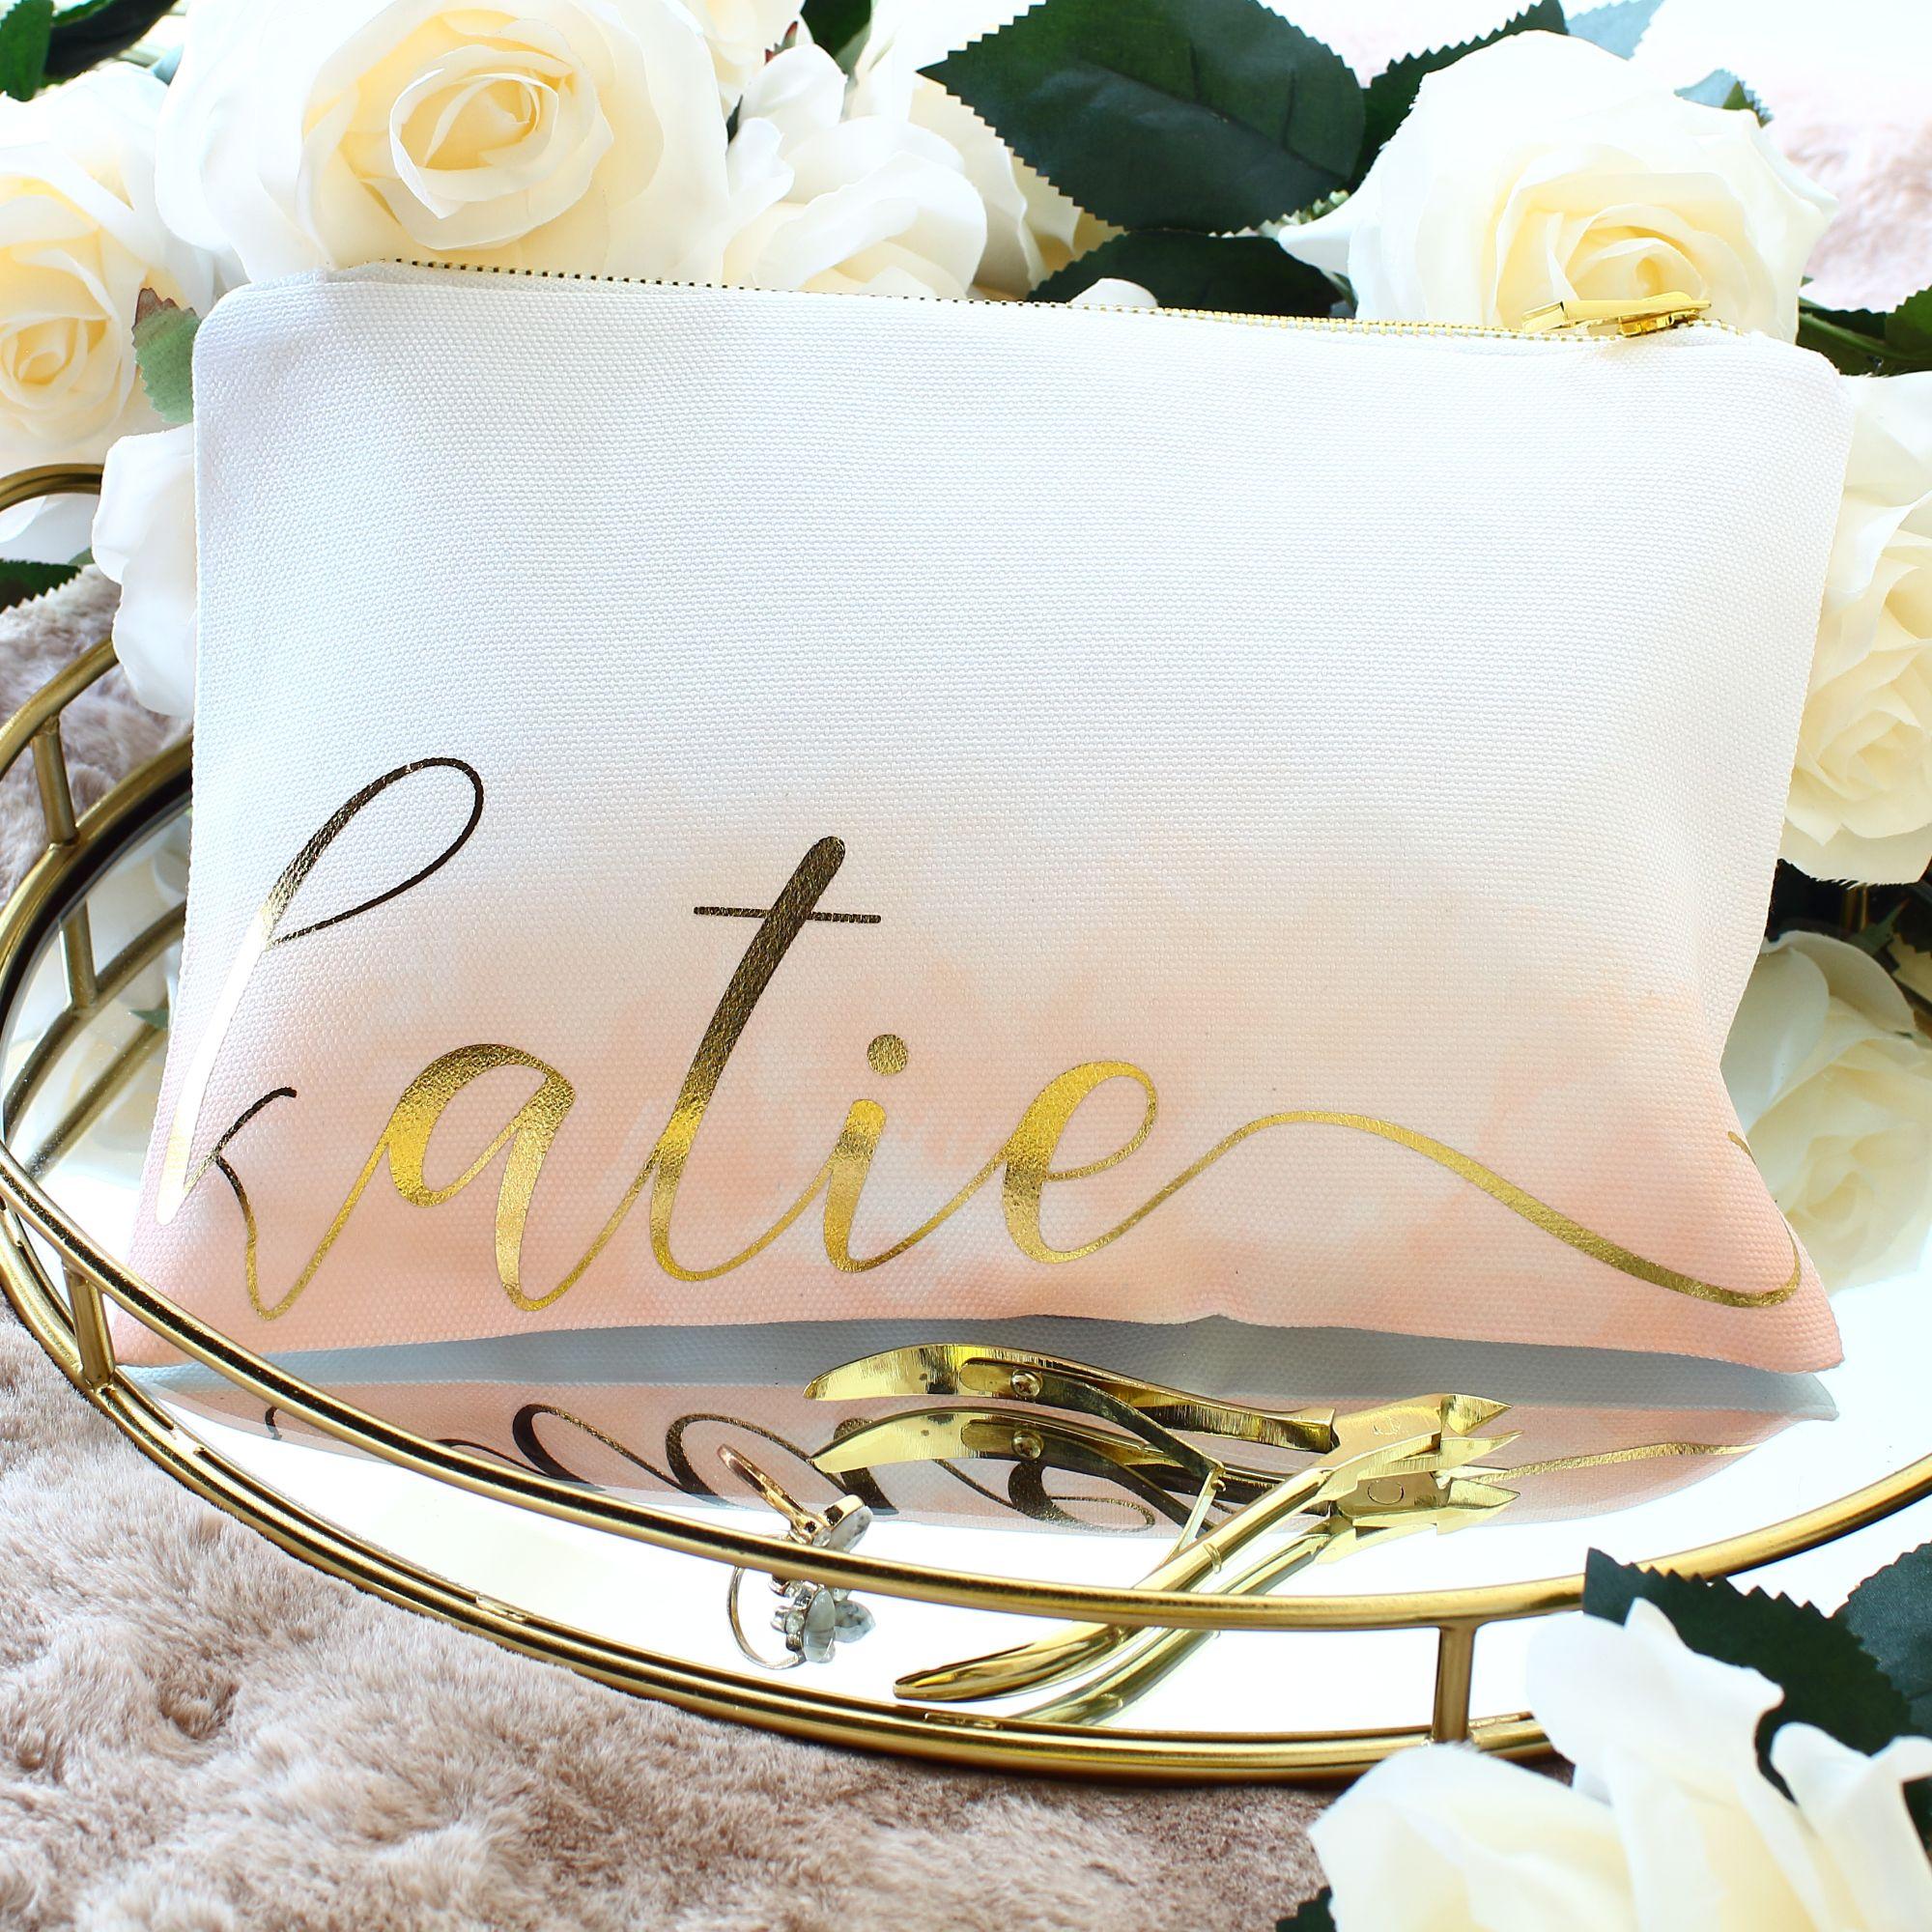 Luxury personalised makeup bags